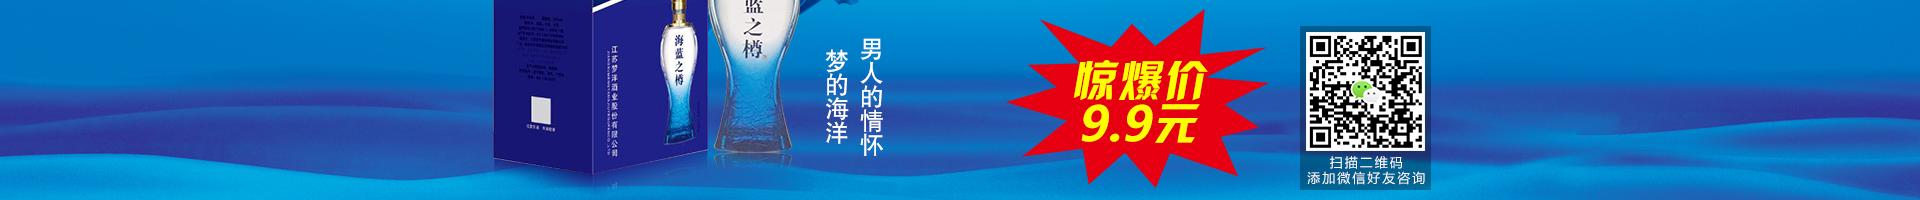 江苏梦洋酒业股份有限公司